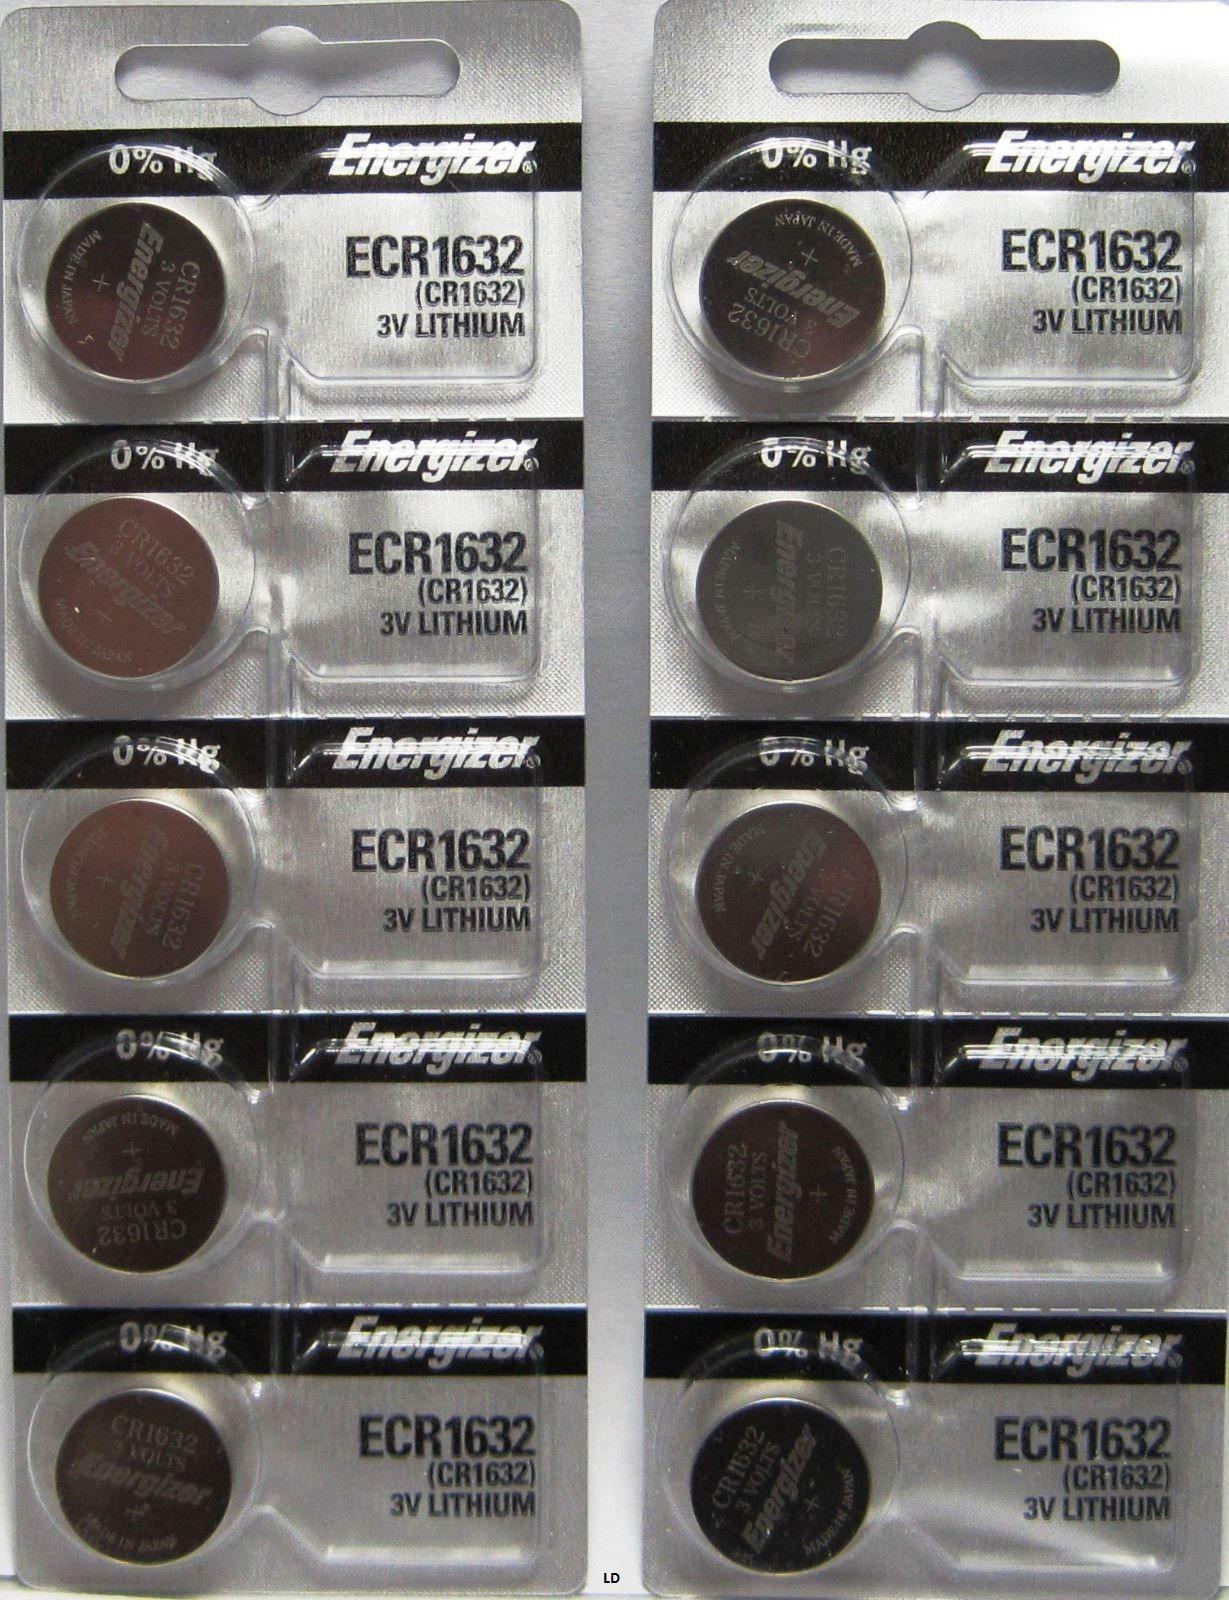 10 PACK FRESH ENERGIZER CR1632 ECR1632 1632 3V Lithium Coin Battery Expire 2025